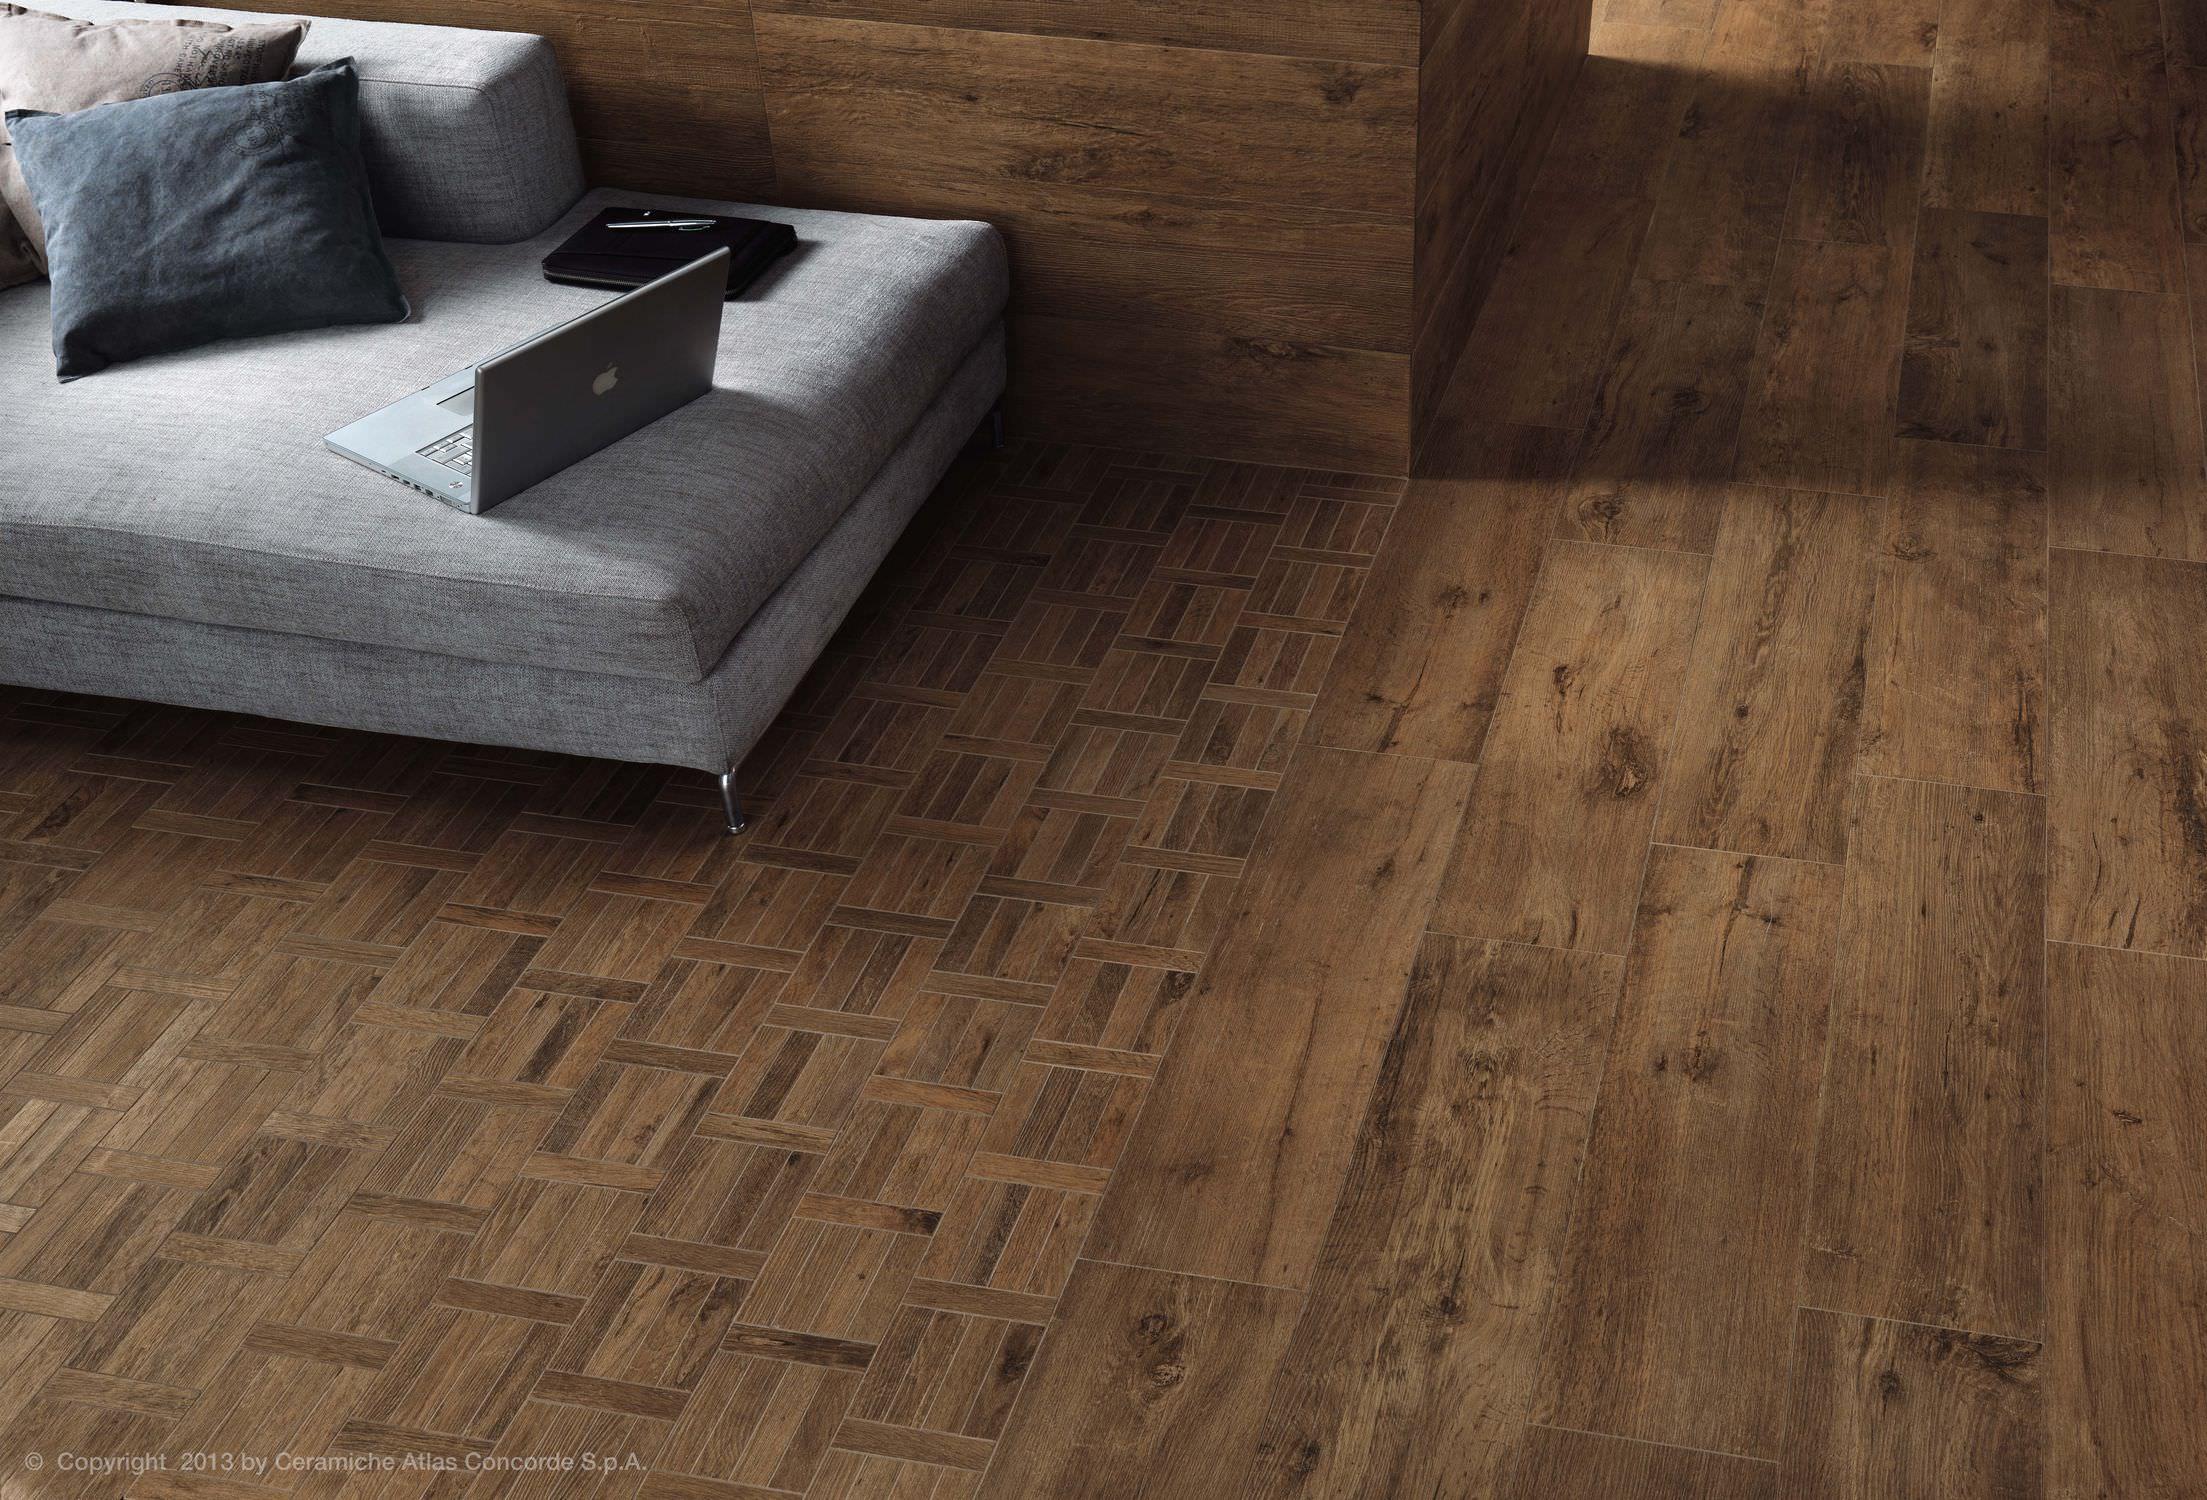 Elegant Wood Look Tile Floors Family Room Design With White